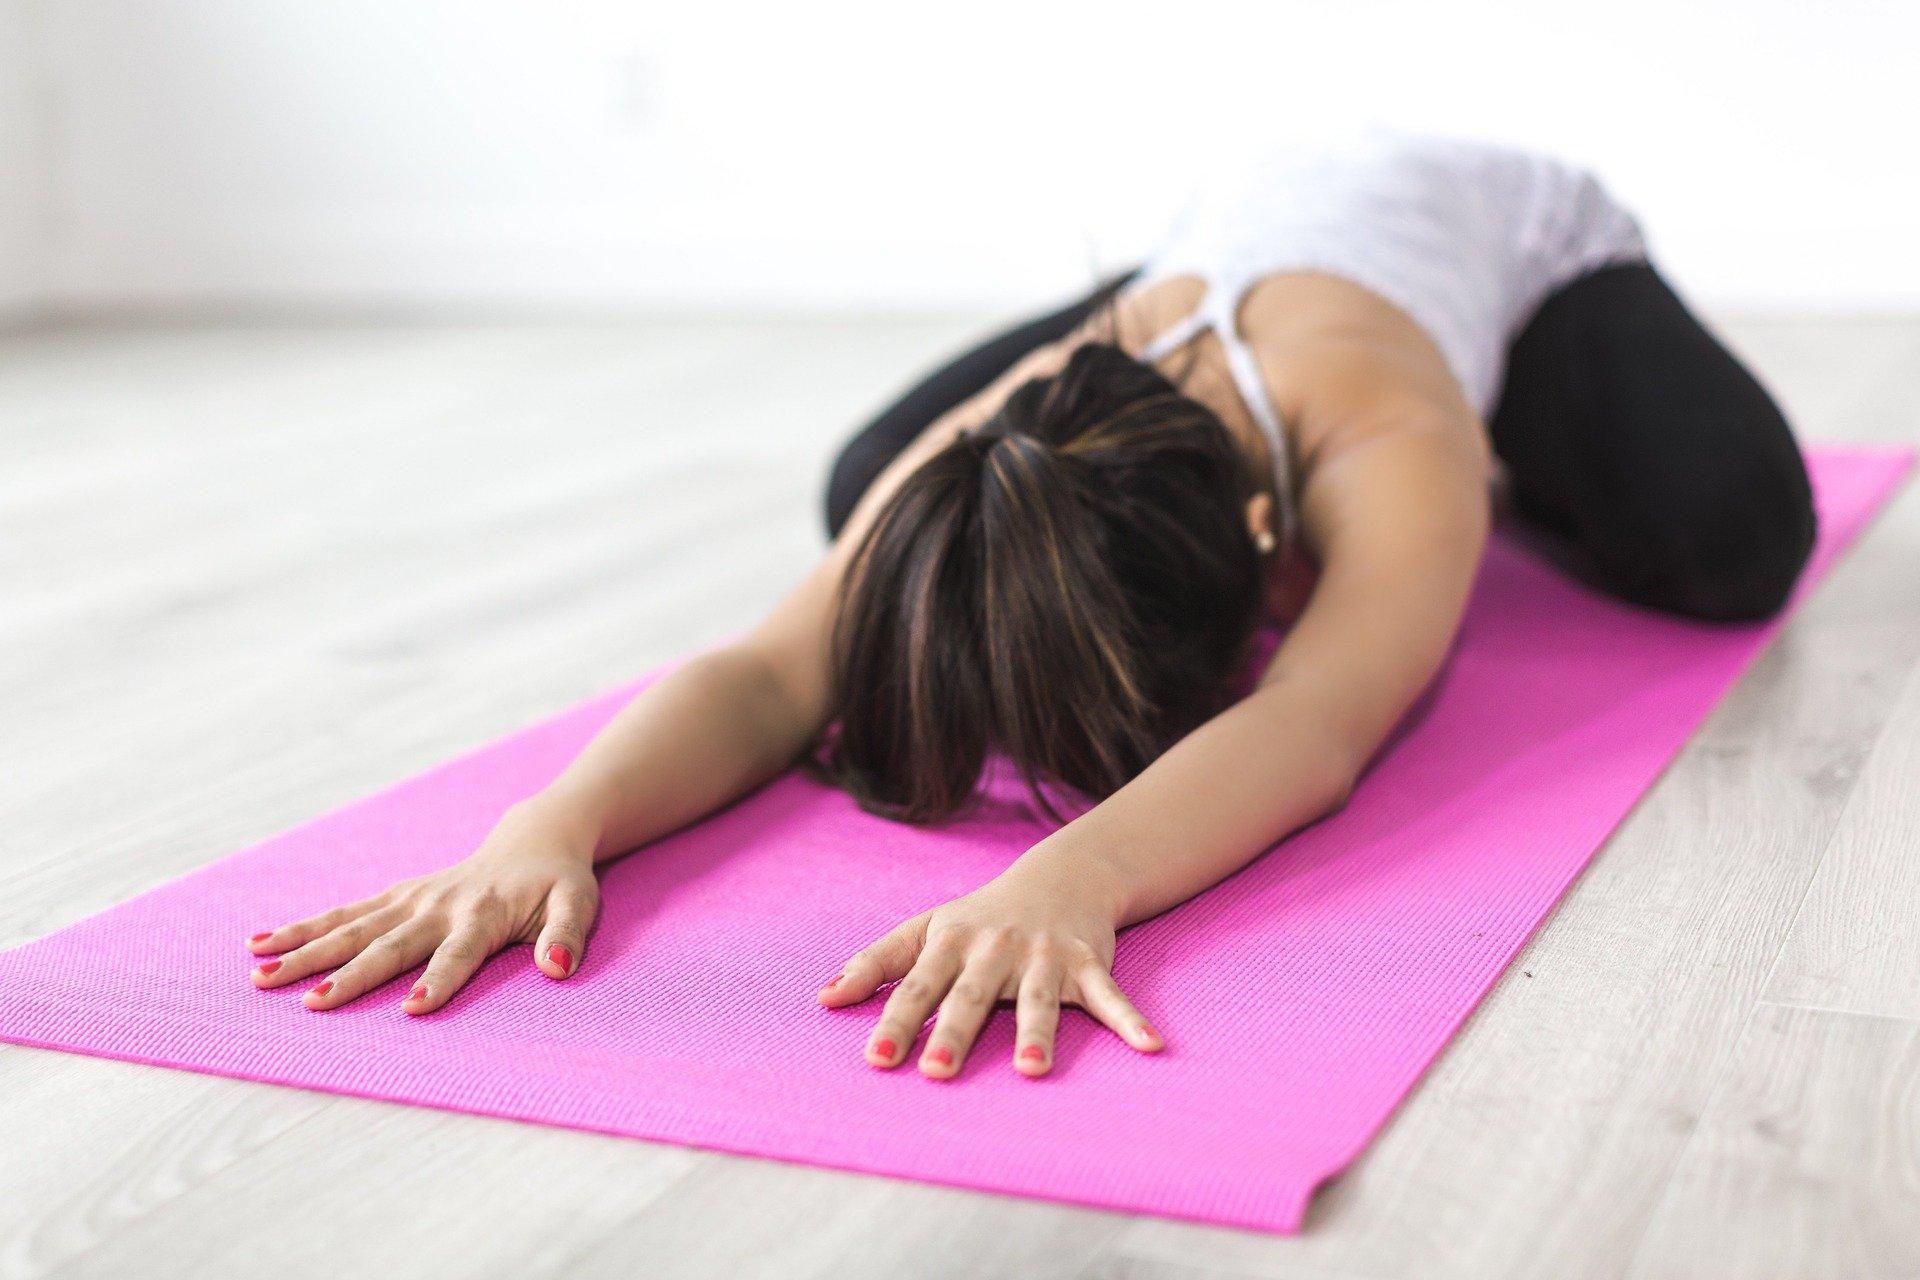 Frau bei Yoga-Übung